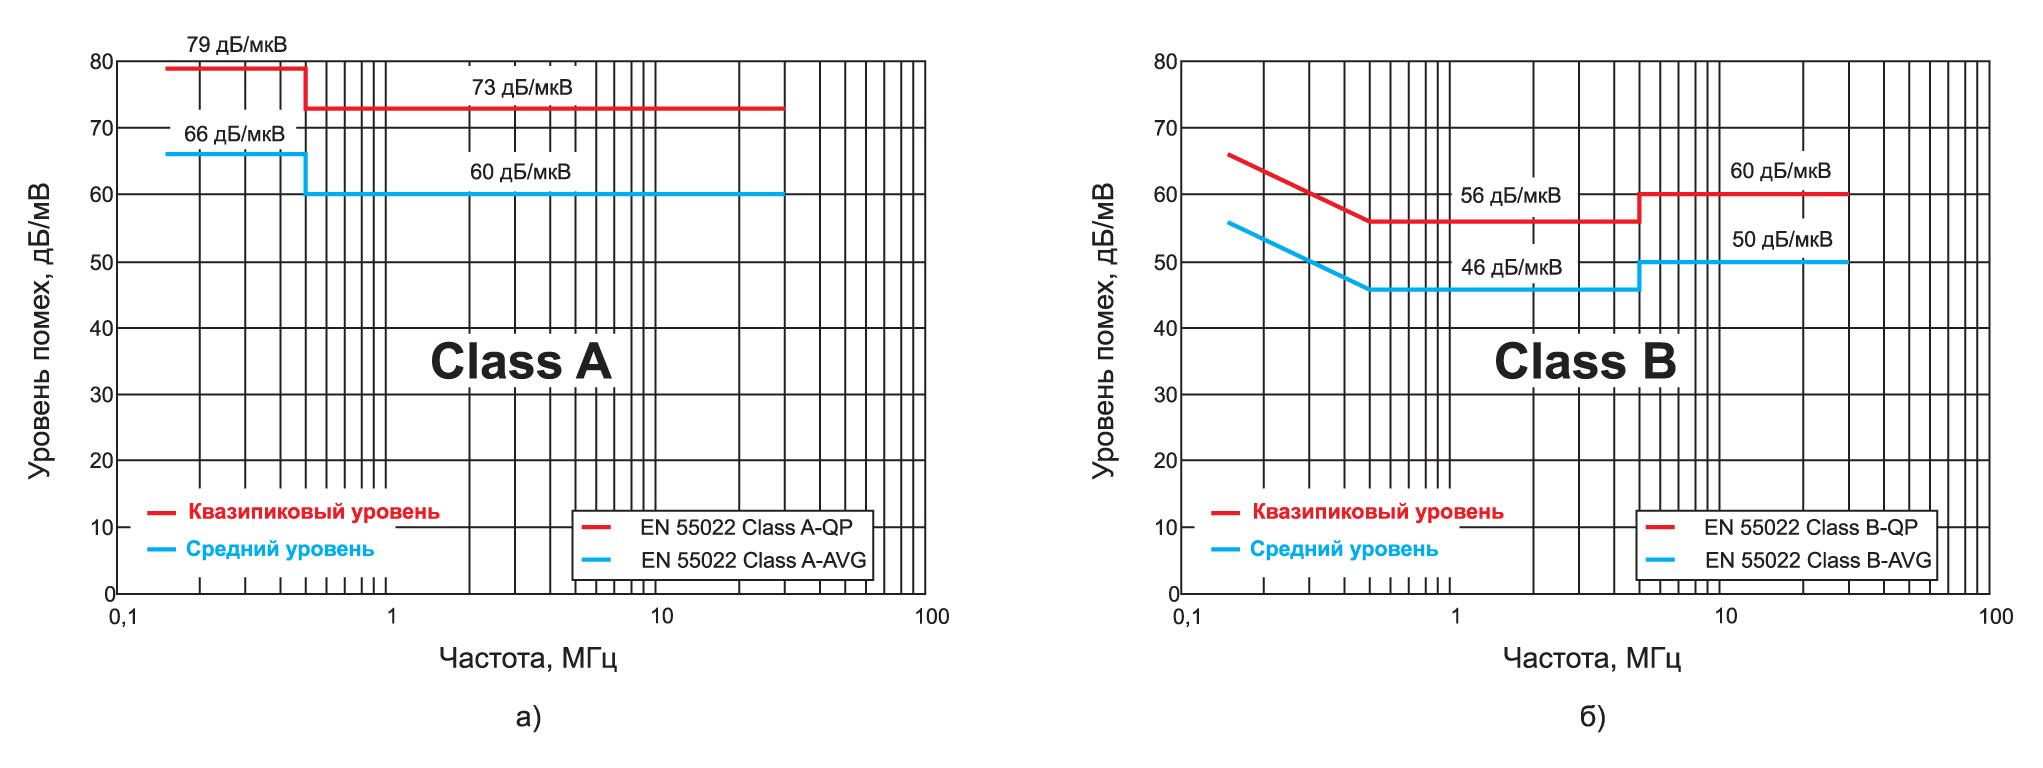 Уровни кондуктивных помех в стандарте ГОСТ 30805.222013 (CISPR 22:2006) для оборудования классов А и Б